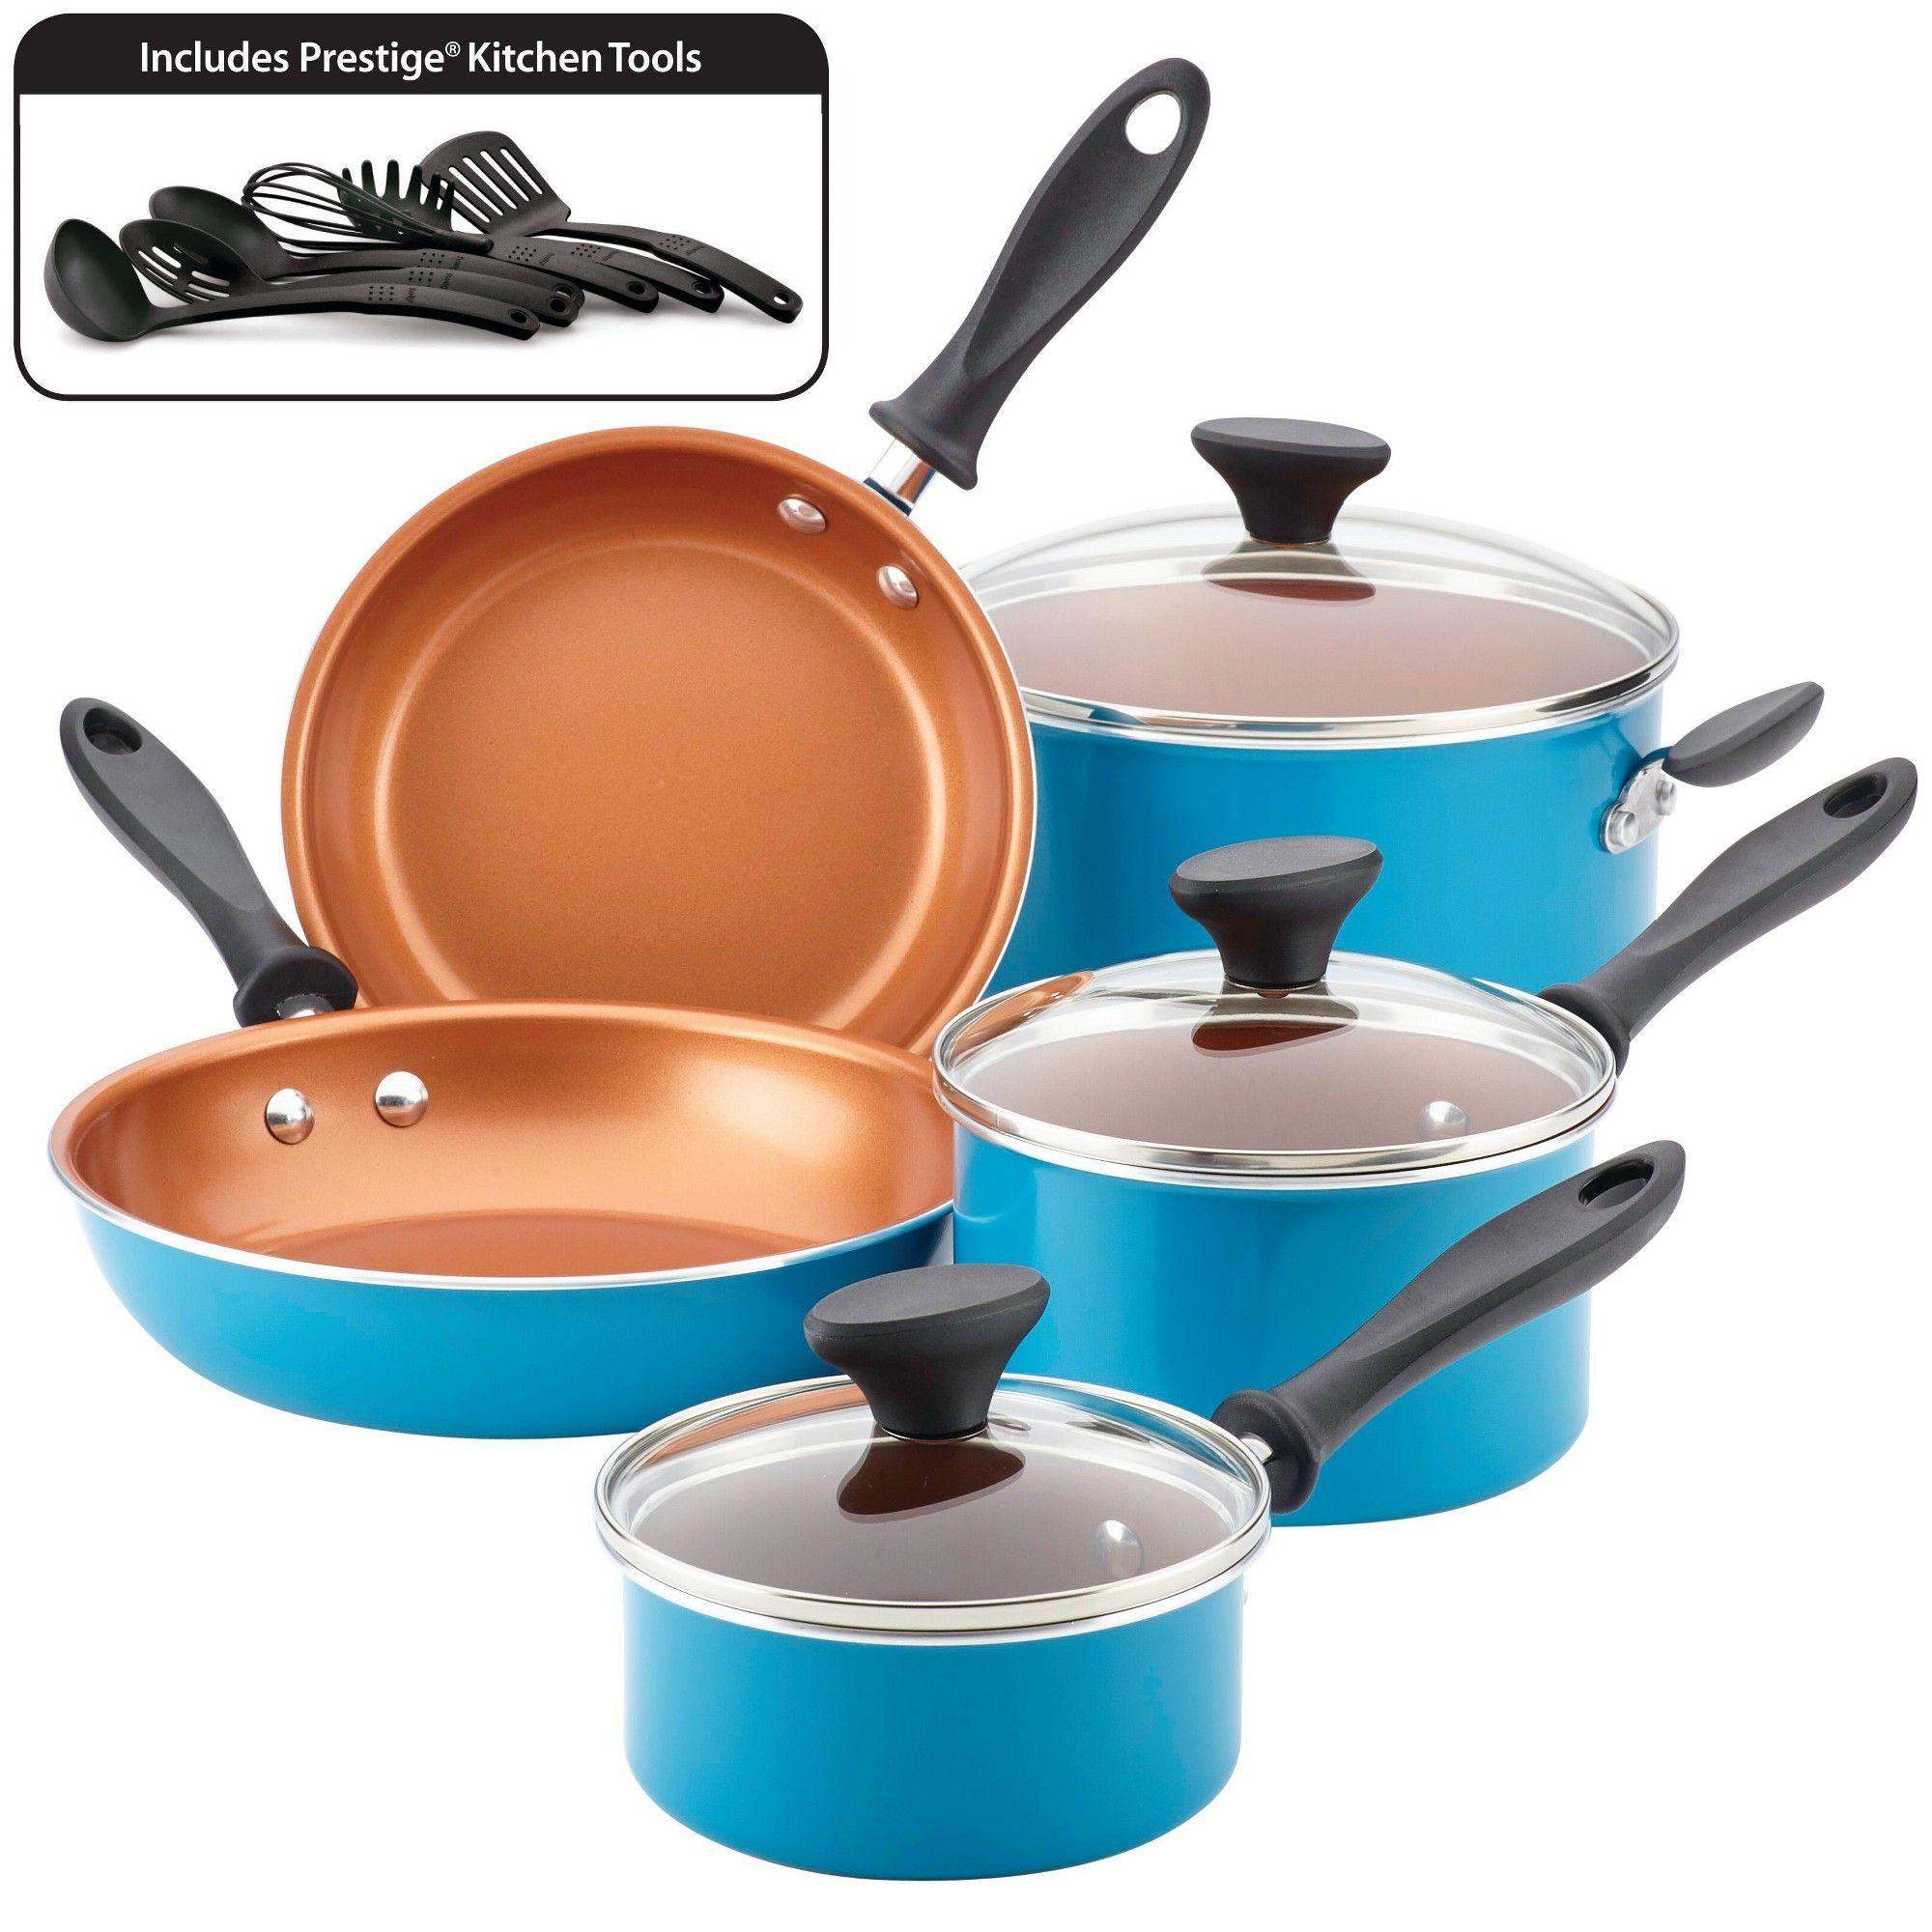 Farberware 14pc Nonstick Copper Ceramic Reliance Pro Cookware Set